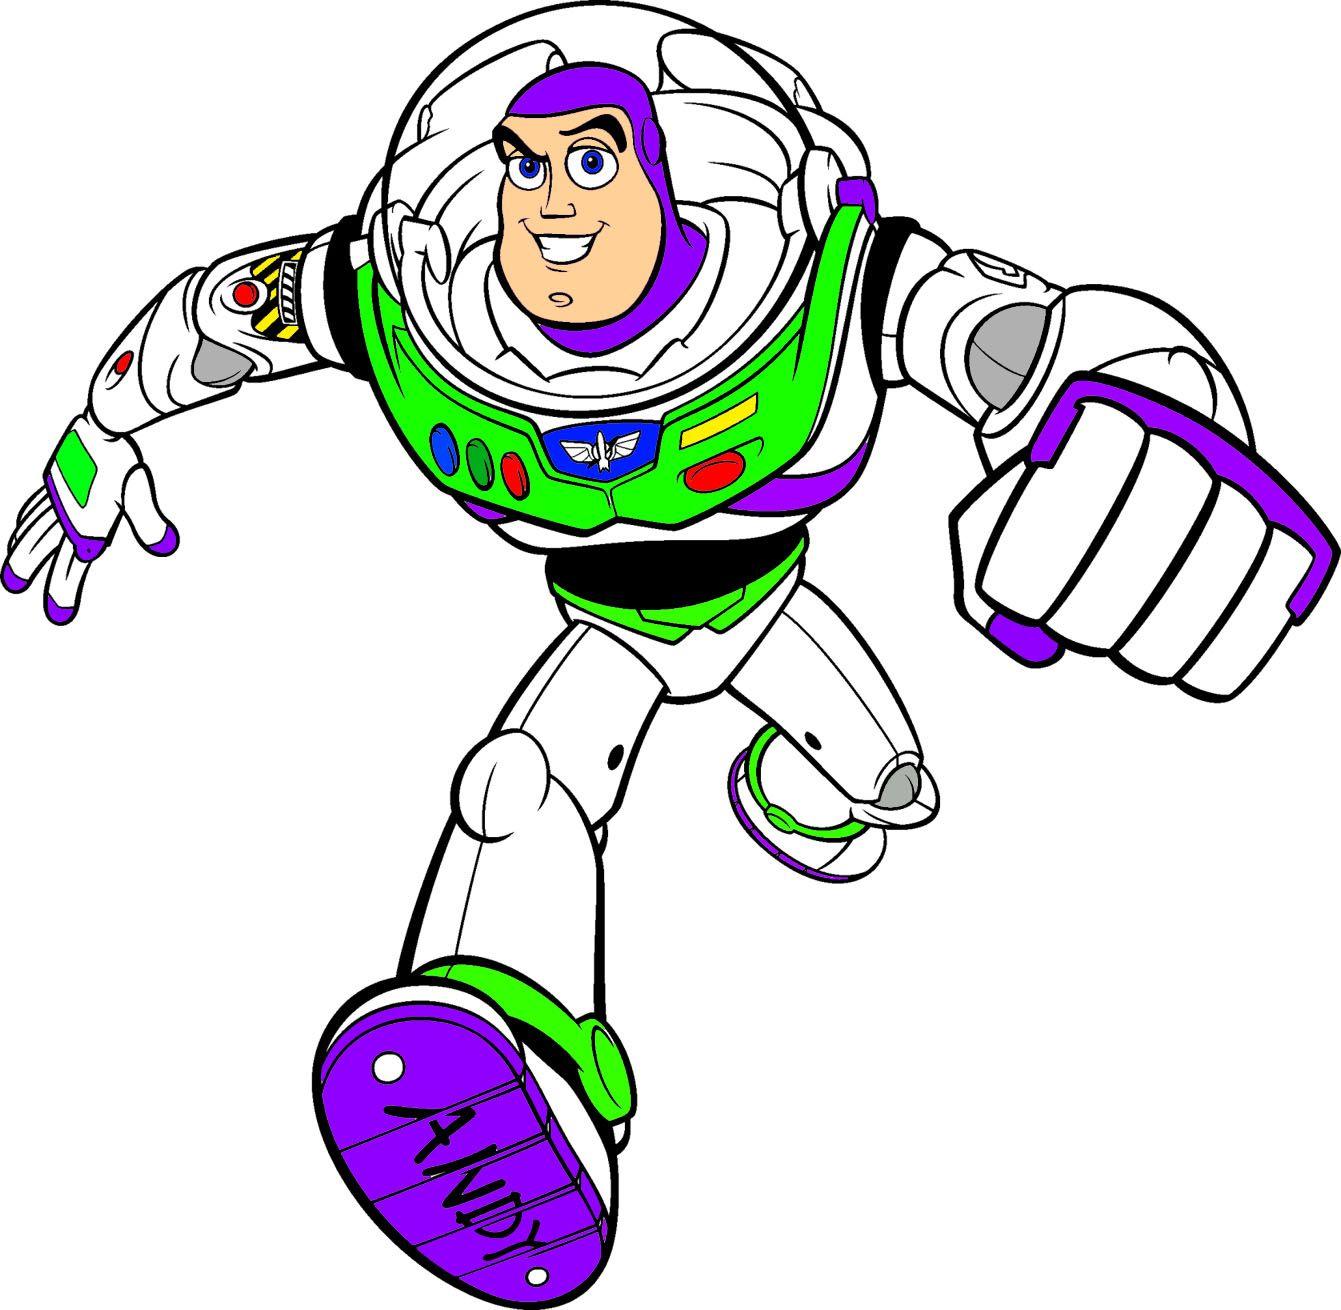 Buzz Lightyear Cumple Toy Story Dibujos Animados Pinturas Pequenas